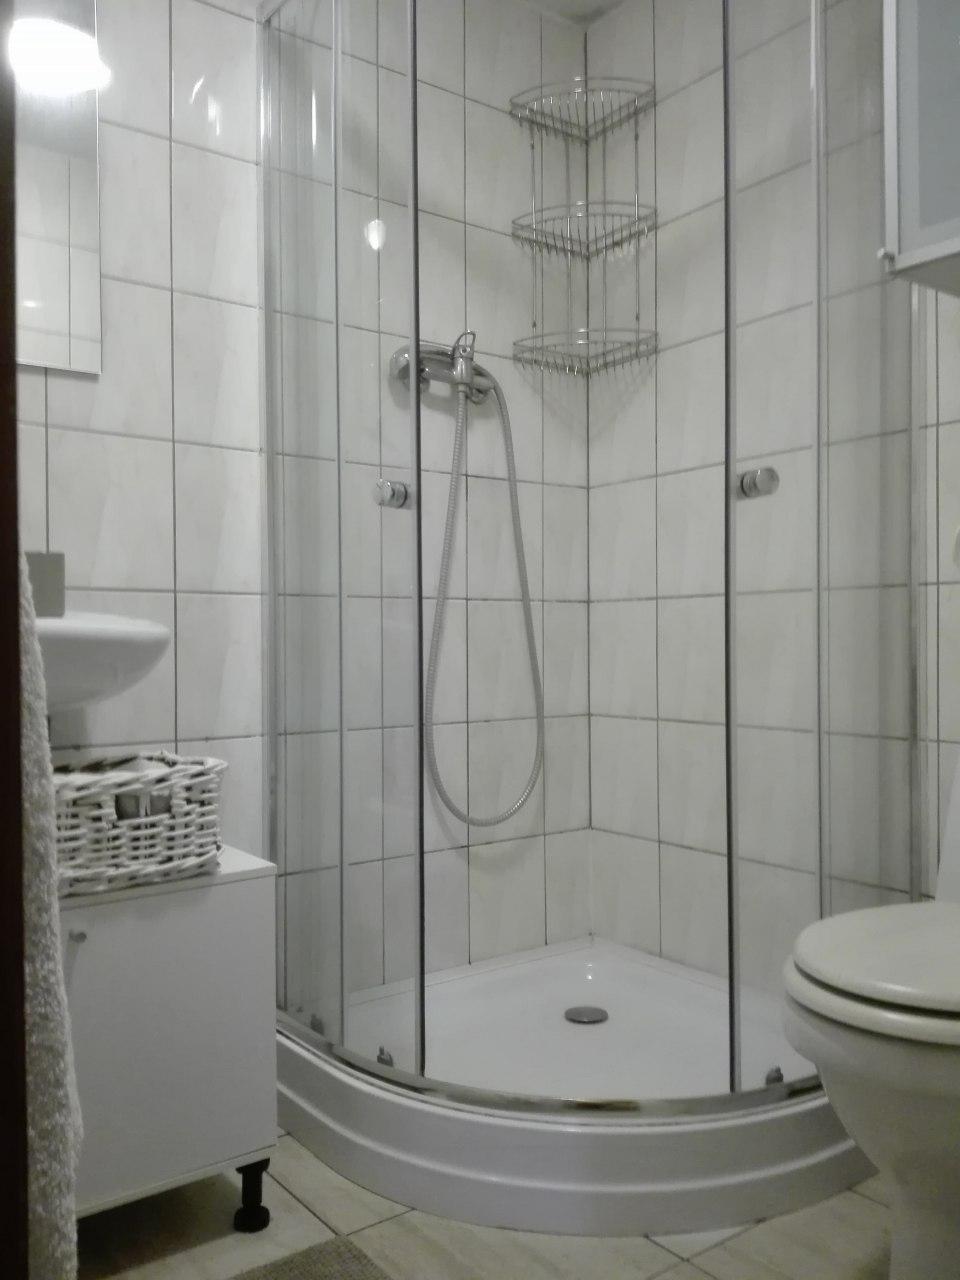 łazienka w domku 8 osobowym